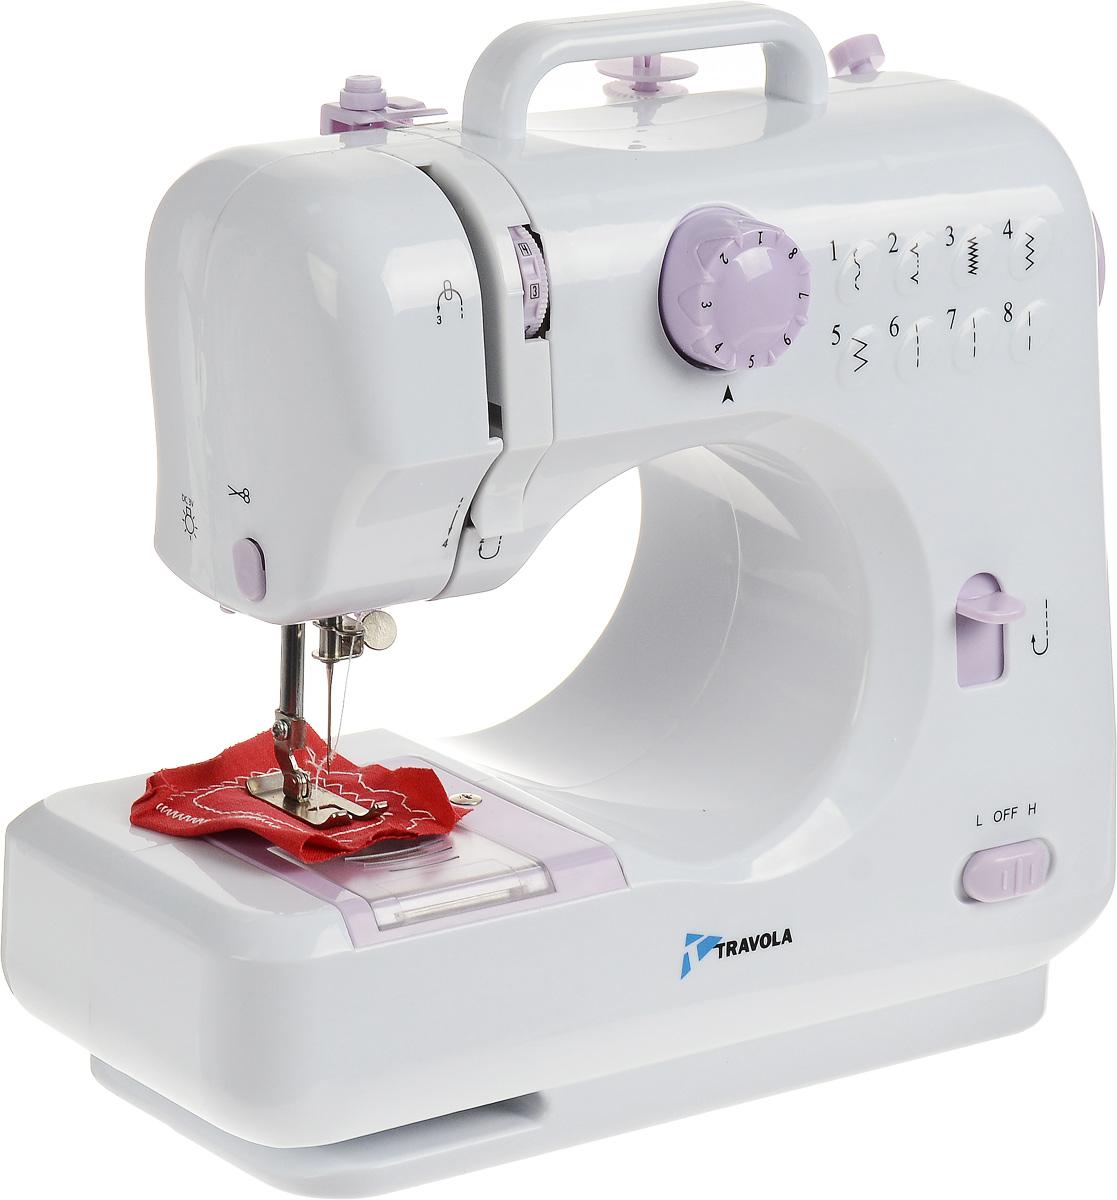 Travola 505 швейная машина505Швейная машина Travola 505 идеально подходит для выполнения основных швейных операций при изготовлении и ремонте одежды. Эта надежная машина имеет традиционный набор функций, который необходим для шитья. Устройство может выполнять 8 вариантов типа шва, из них 3 прямых, 3 зигзагообразных и 2 потайных. Данная модель проста в установке, настройке и эксплуатации.